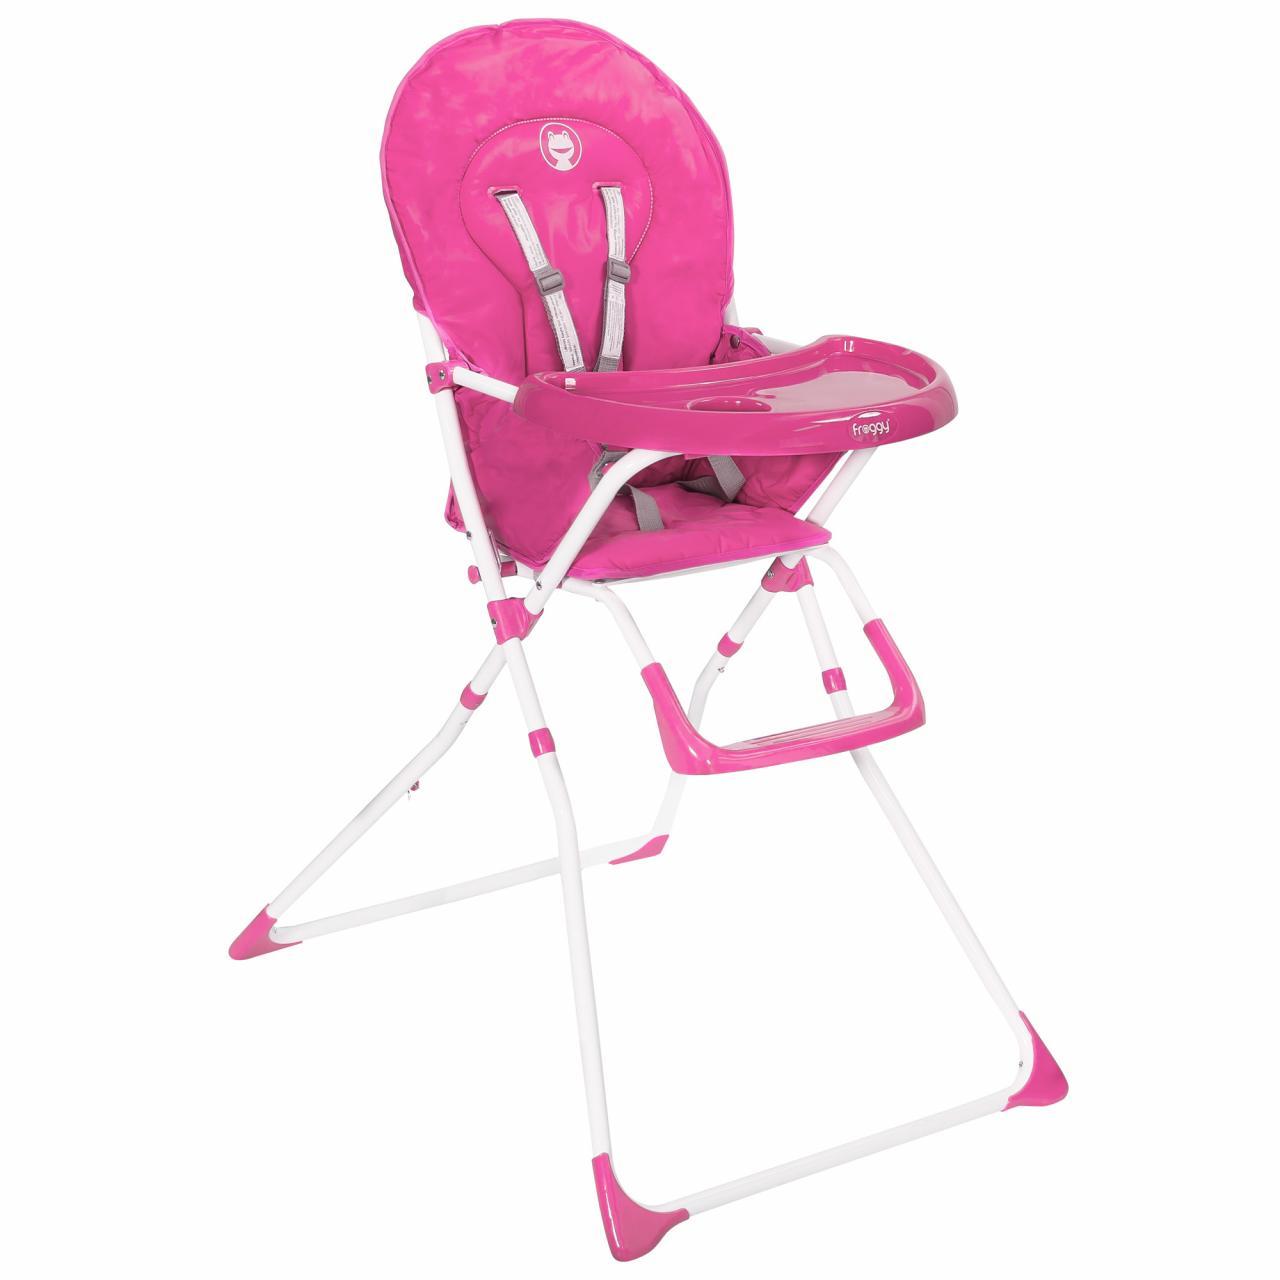 Froggy-Baby-Kinder-Hochstuhl-Babystuhl-Kinderstuhl-Tisch-Zusammenklappbar